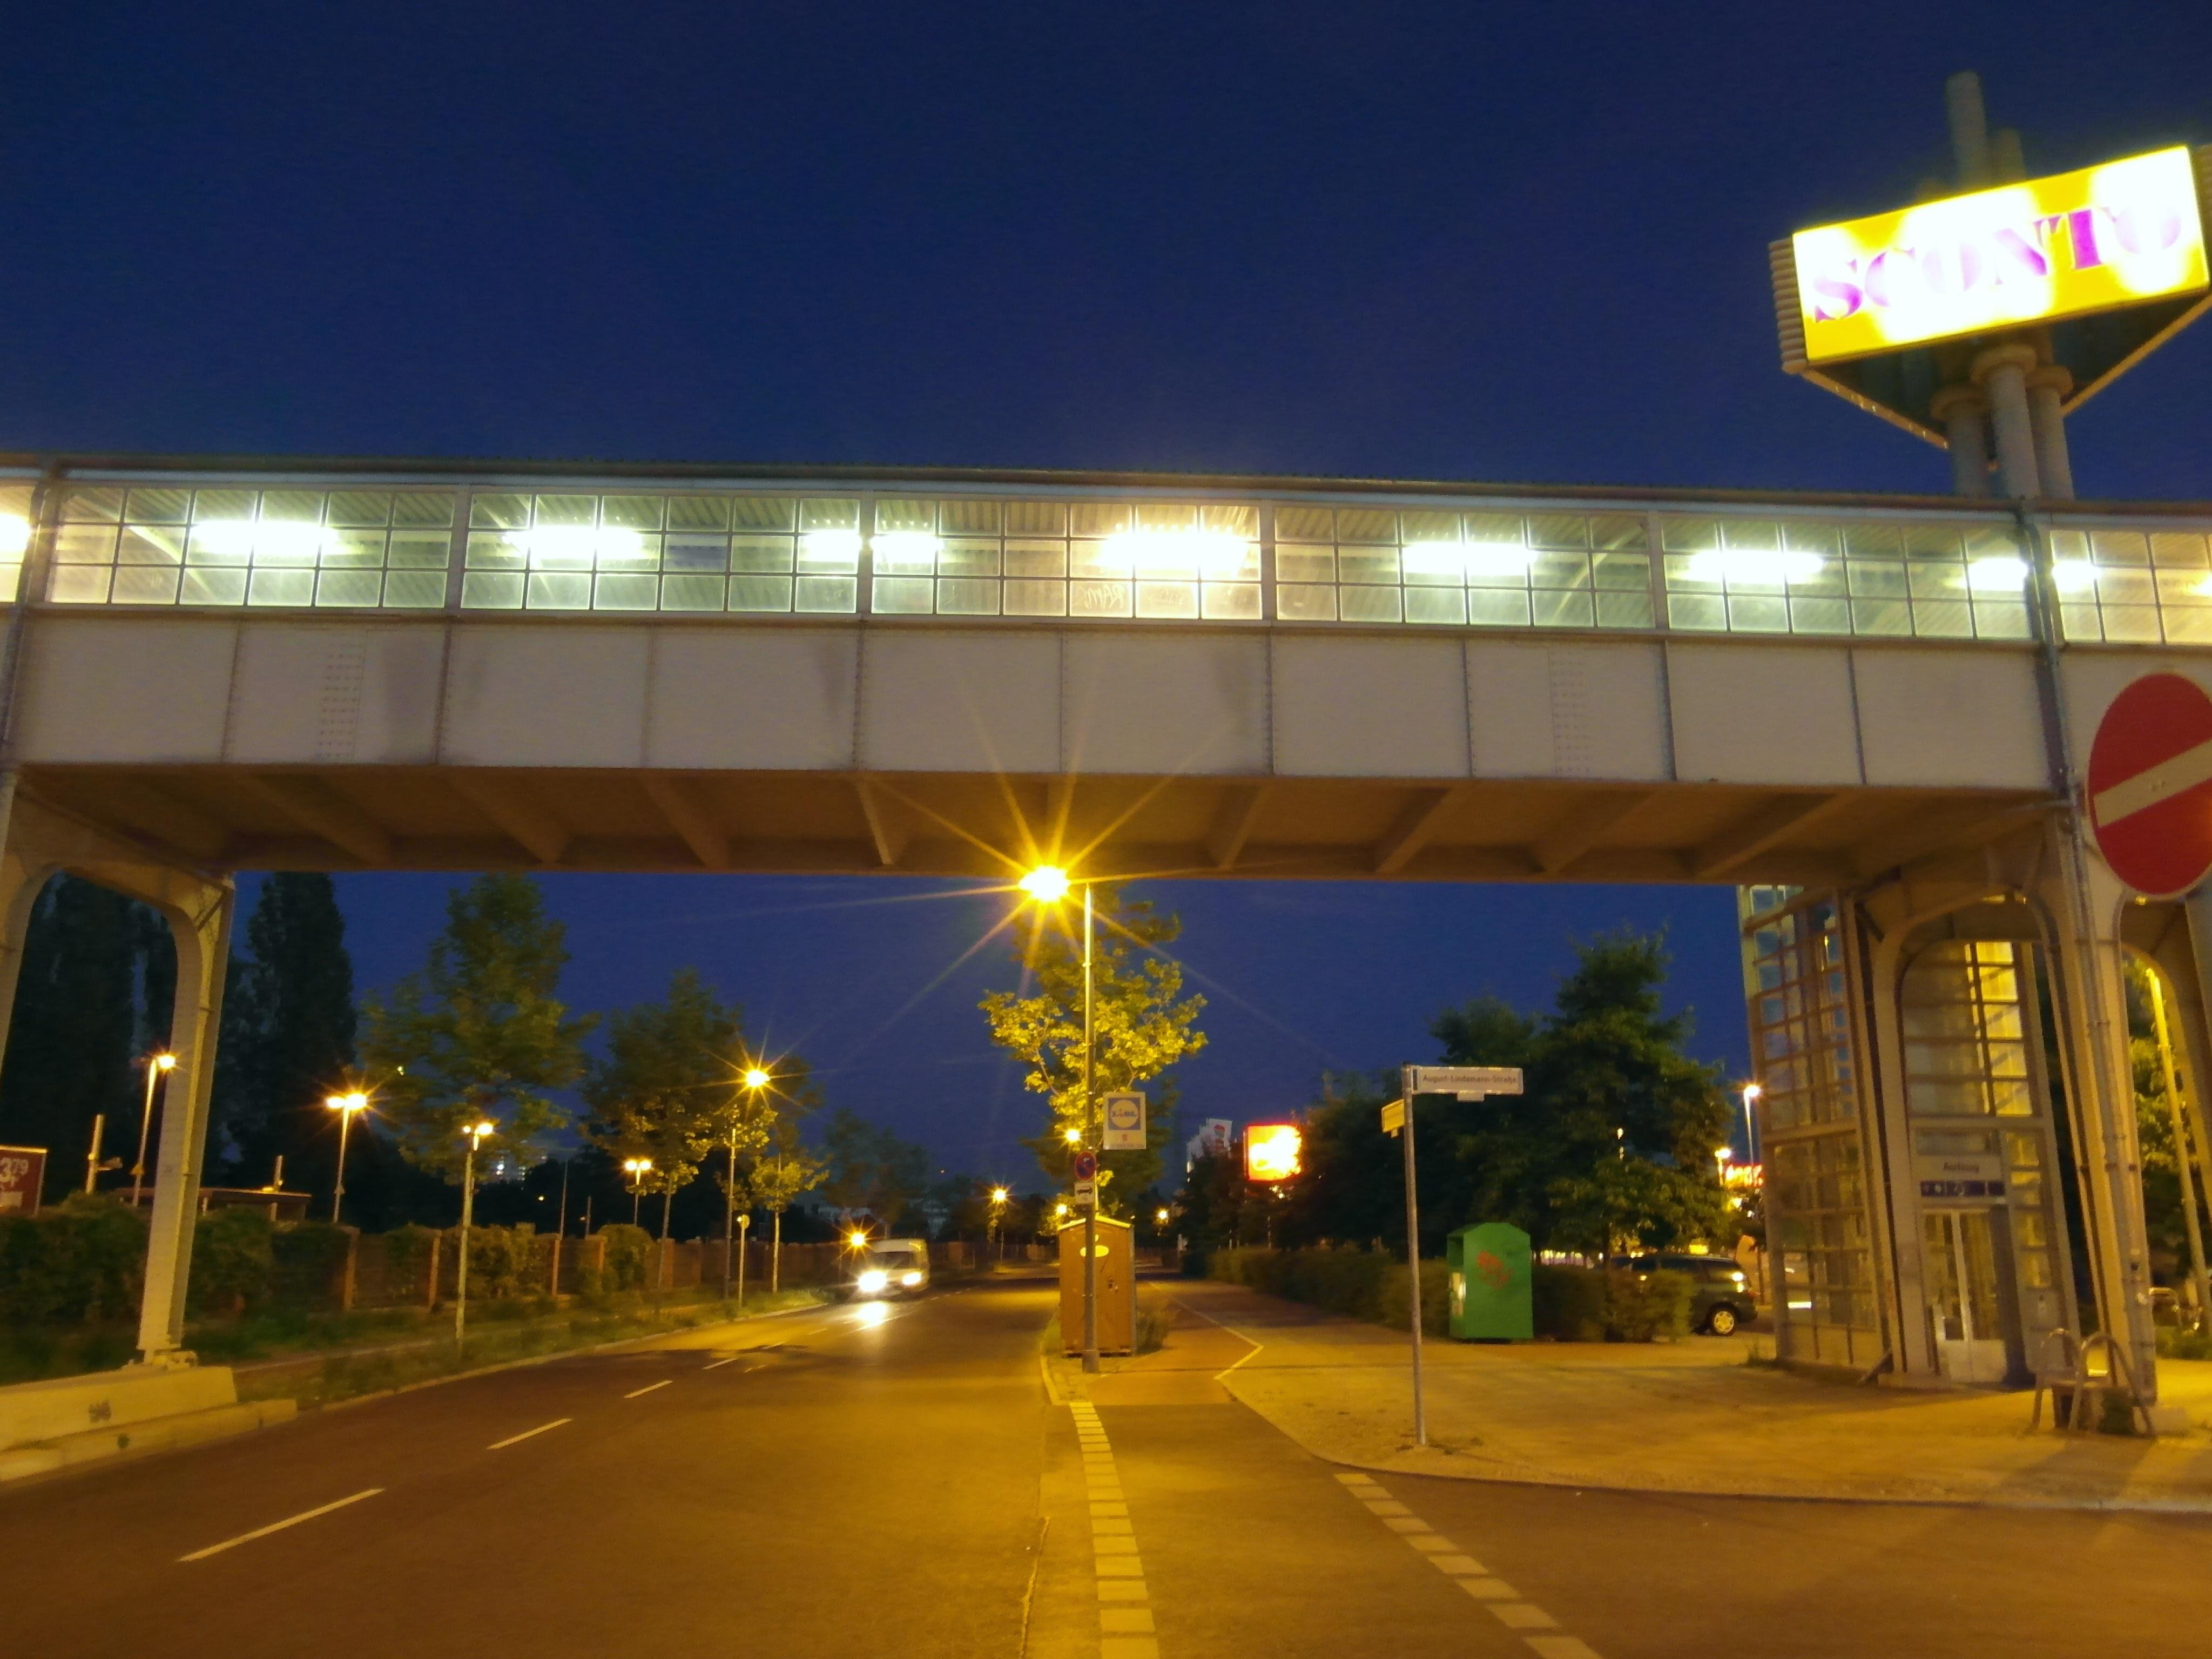 S Bahnhof Storkower Straße : file berlin s bahnhof storkower stra e 7818653752 jpg ~ Watch28wear.com Haus und Dekorationen